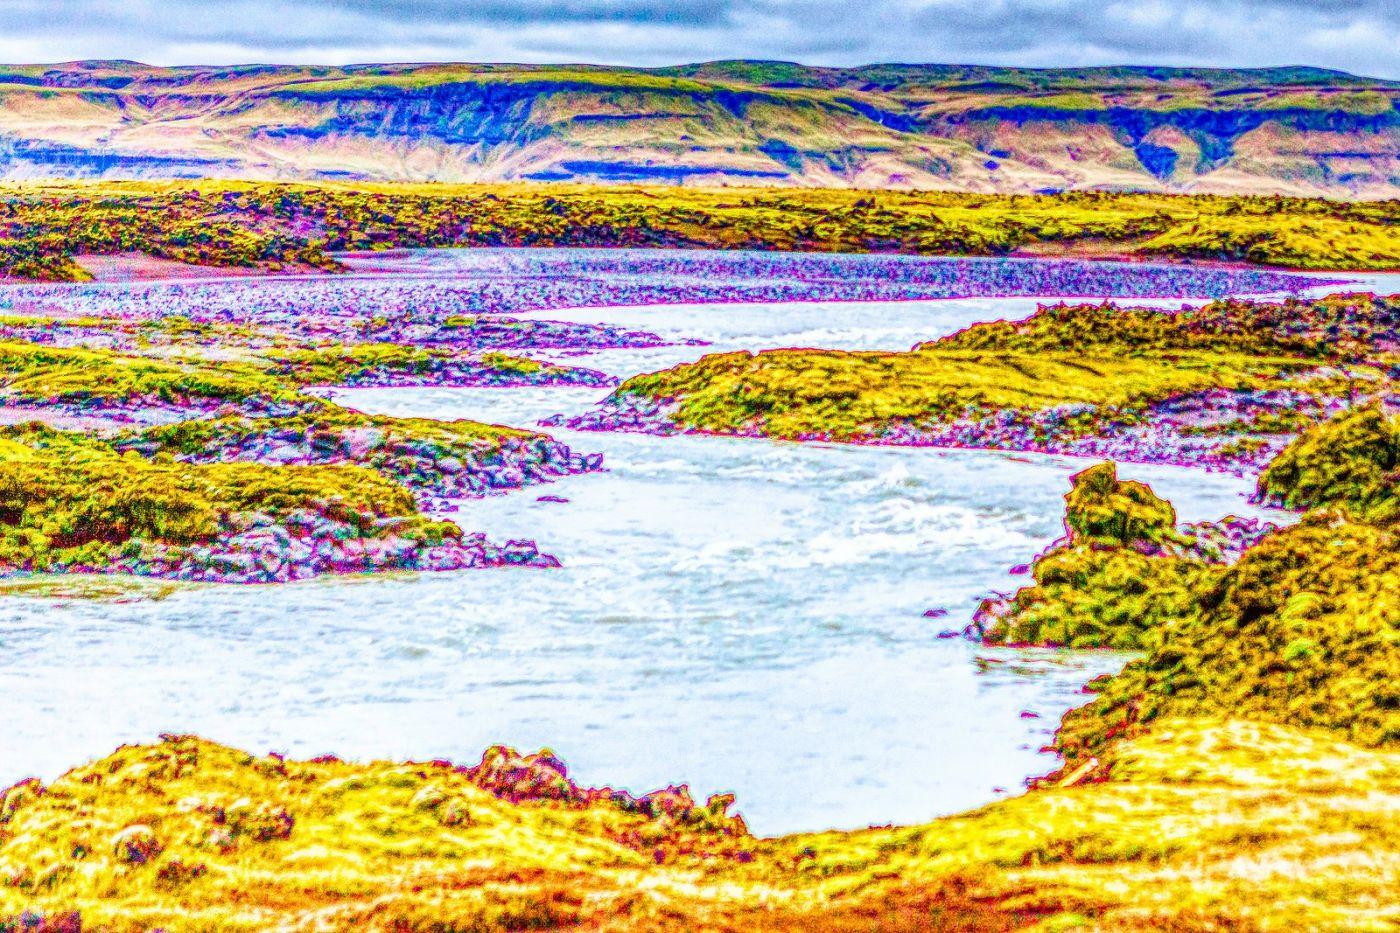 冰岛风采,延伸视野_图1-8